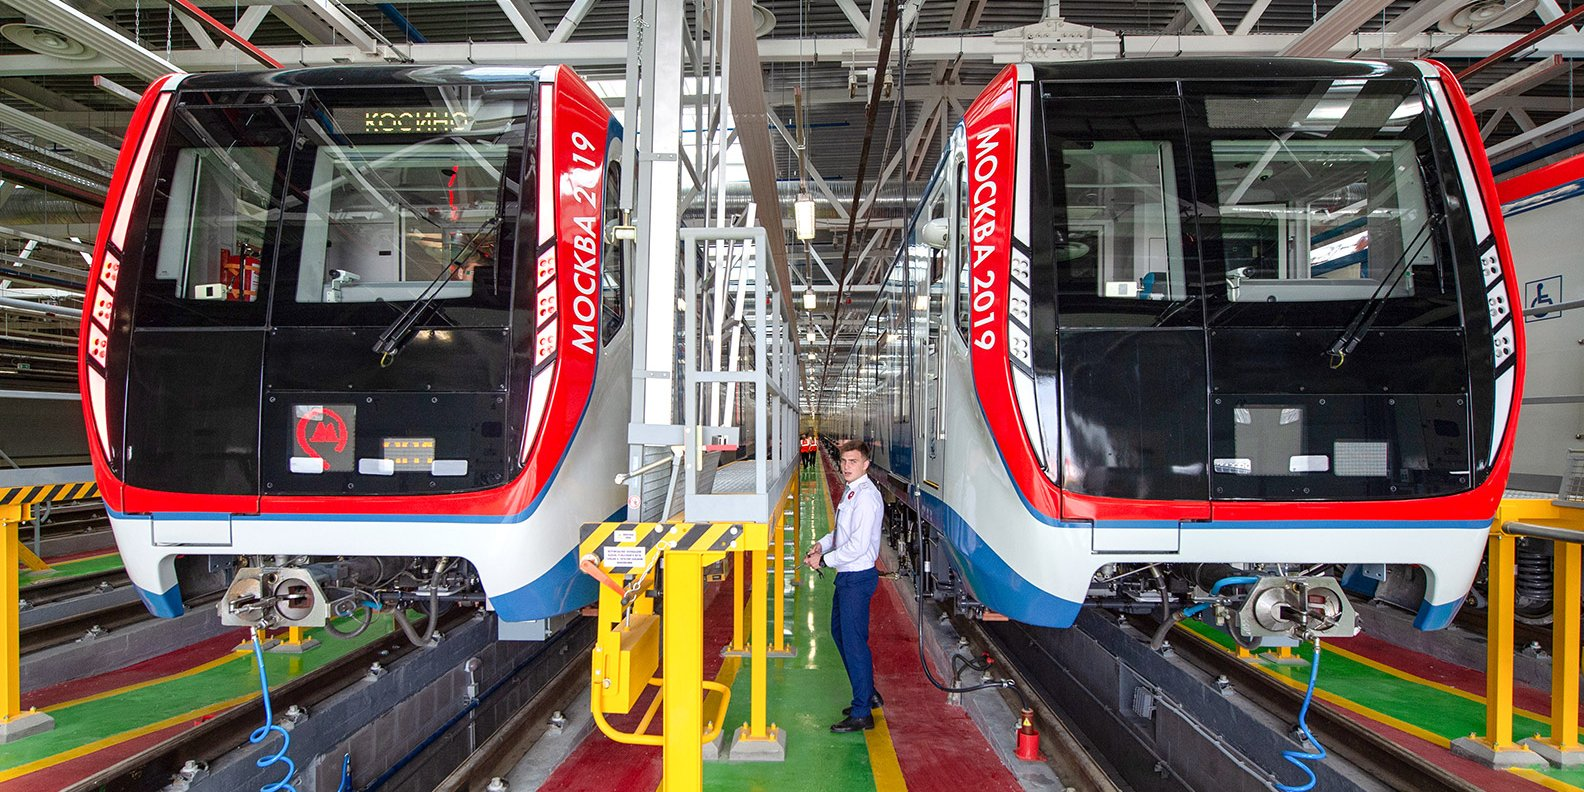 К концу года в столичном метро увеличится количество поездов «Москва»